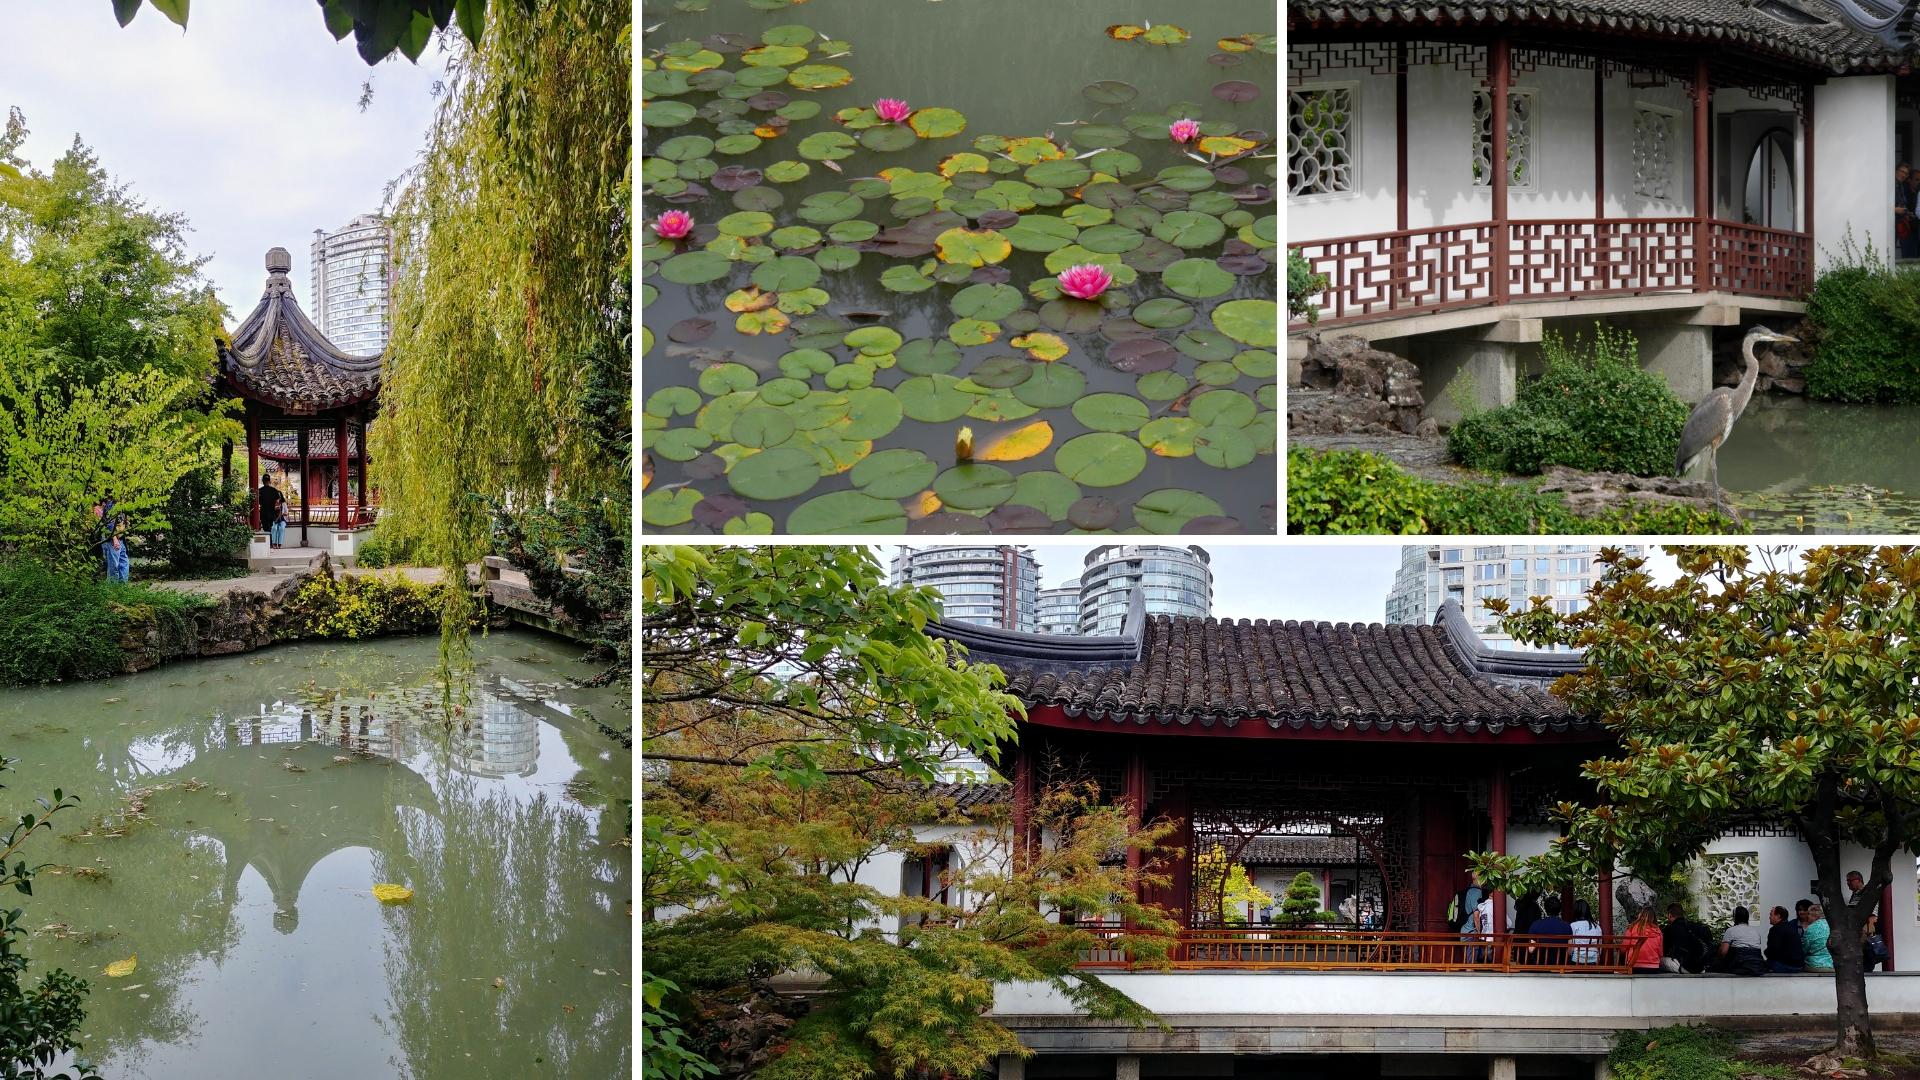 Vancouver chinatown que faire balade blog voyage colombie-britannique arpenter le chemin